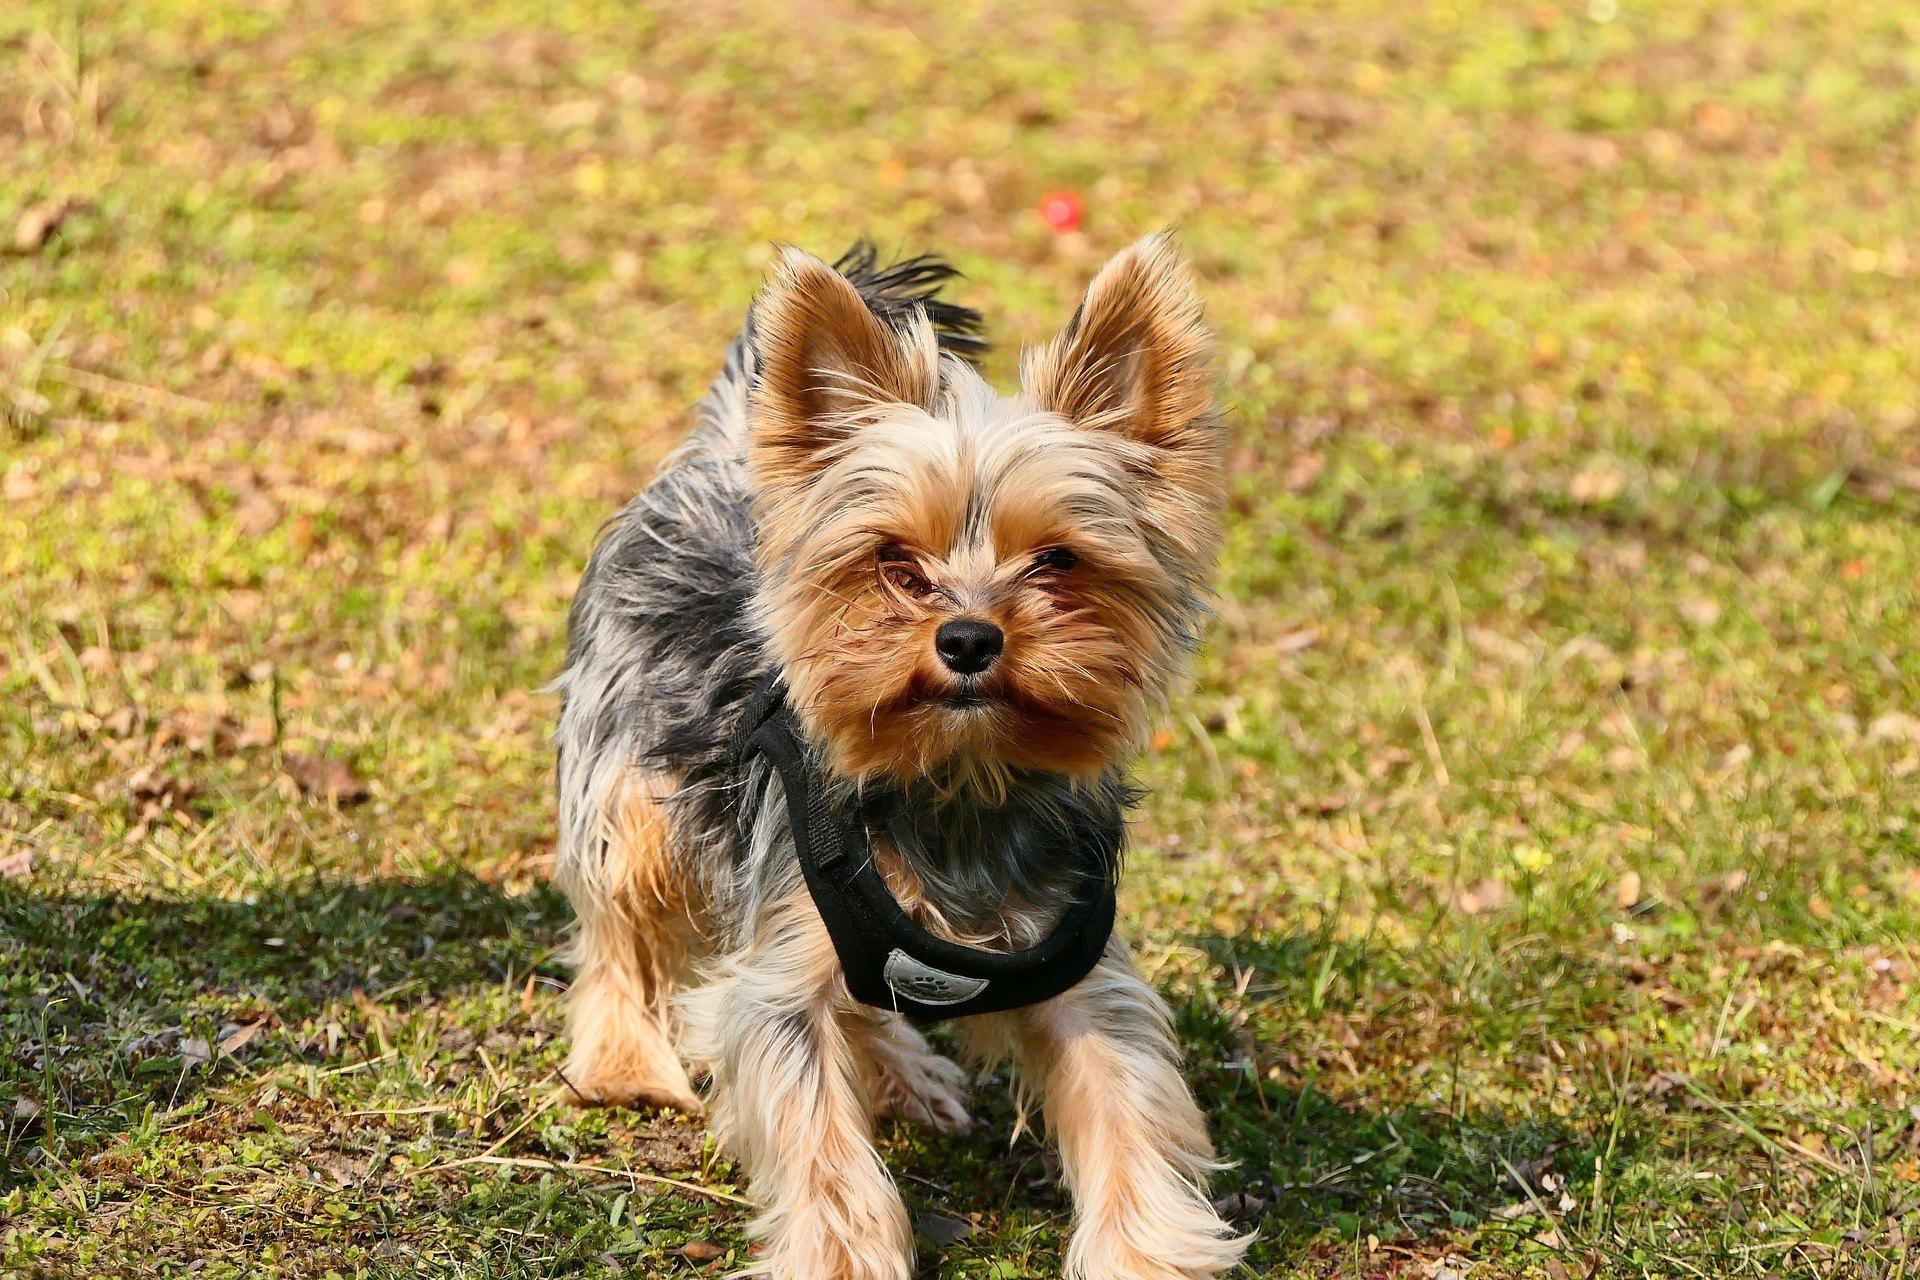 Ein Halfter ist eine Art Klemmhalsband, das am Mund eines Hundes angebracht wird und das Verhalten des Hundes während des Trainings beeinflusst.